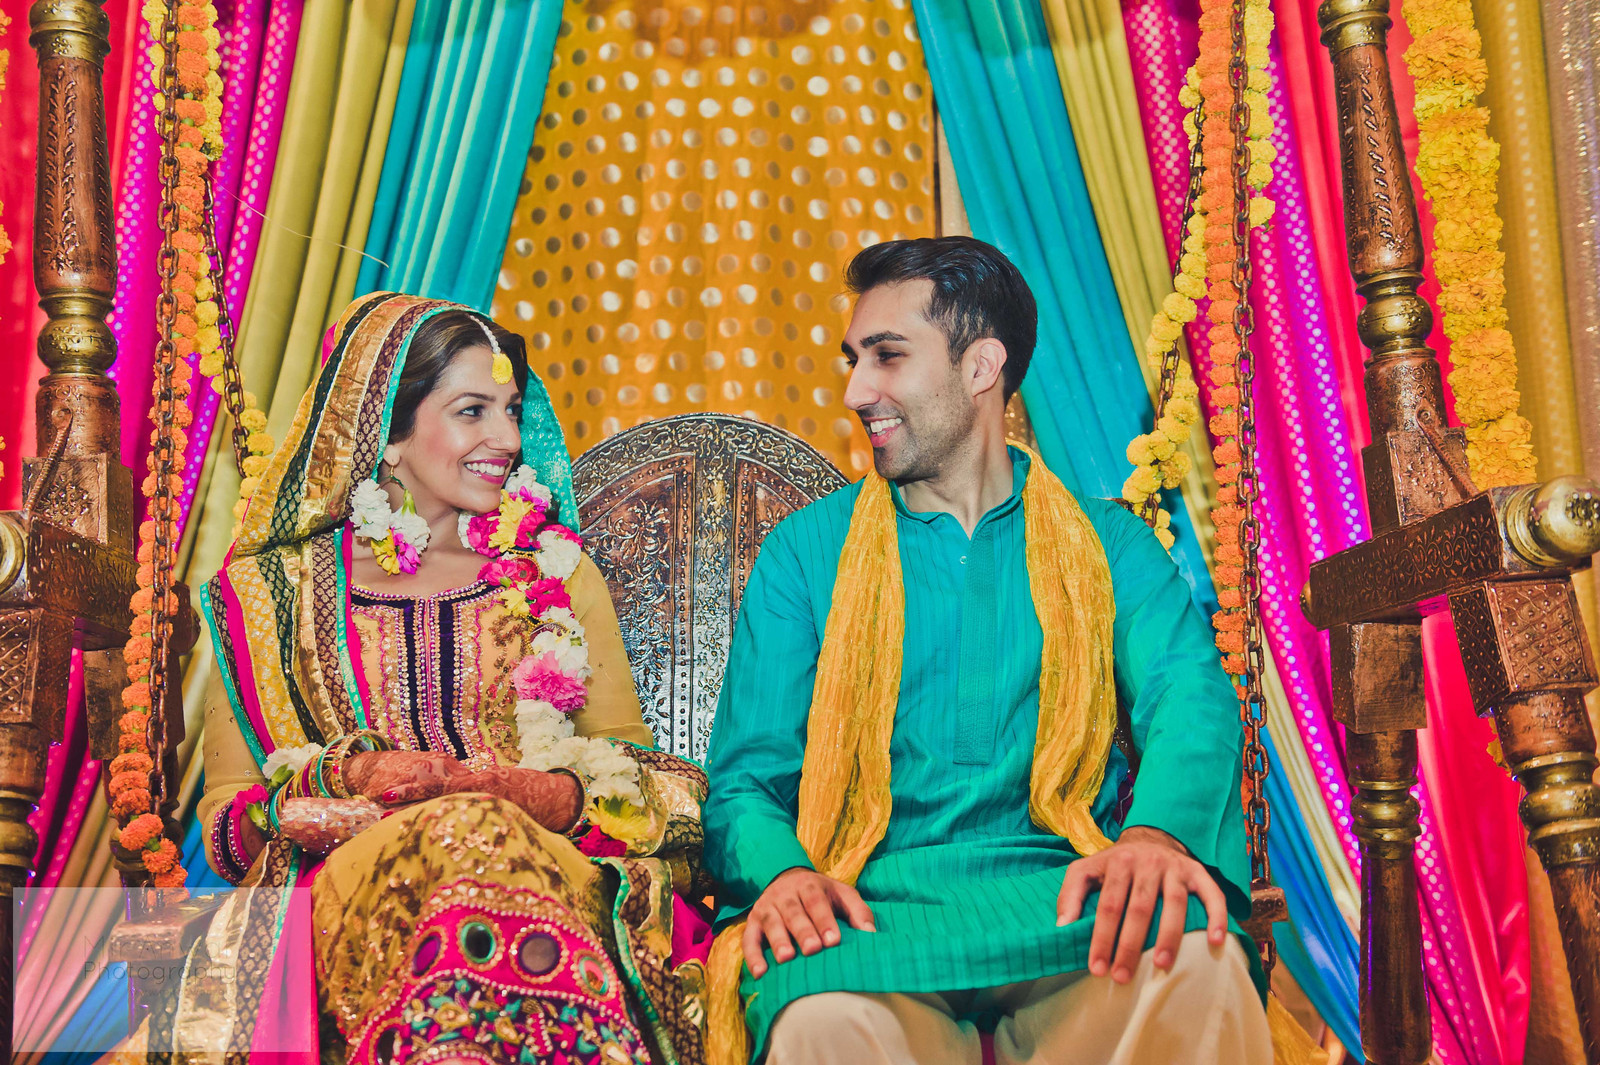 My mehndi mybigfatpakistani for Pakistani wedding traditions